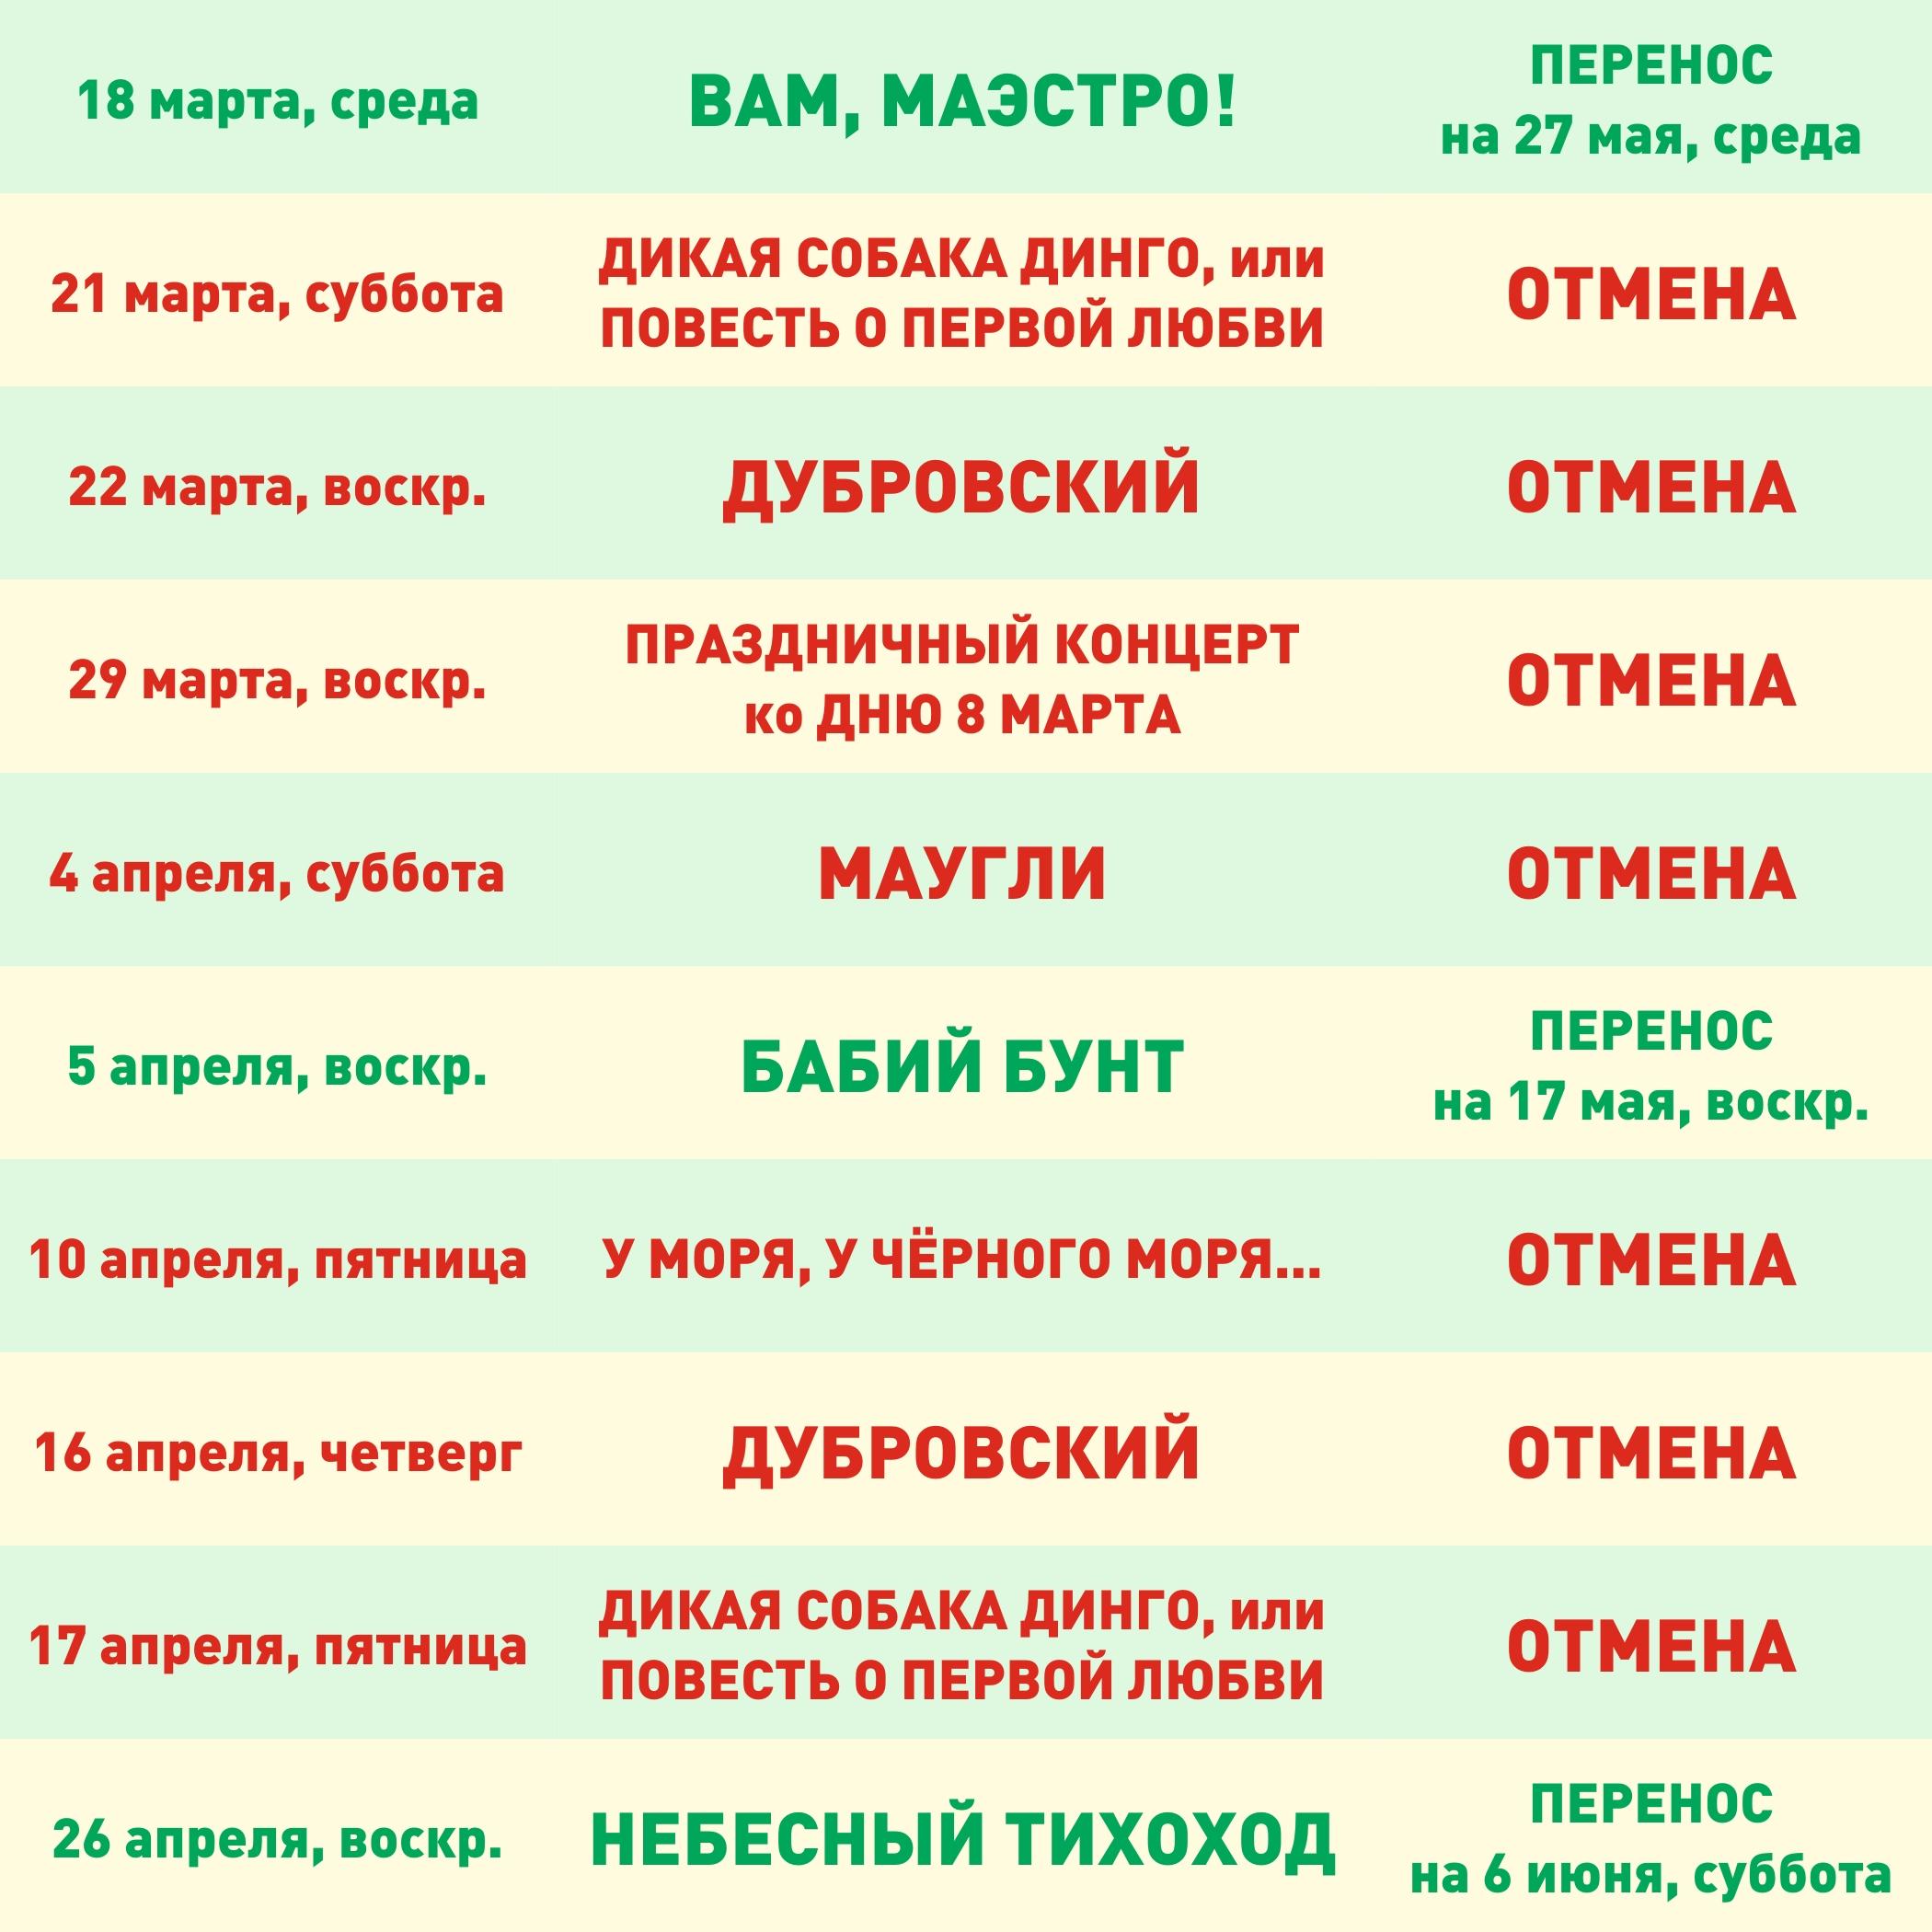 ОТМЕНЫ-1.jpg